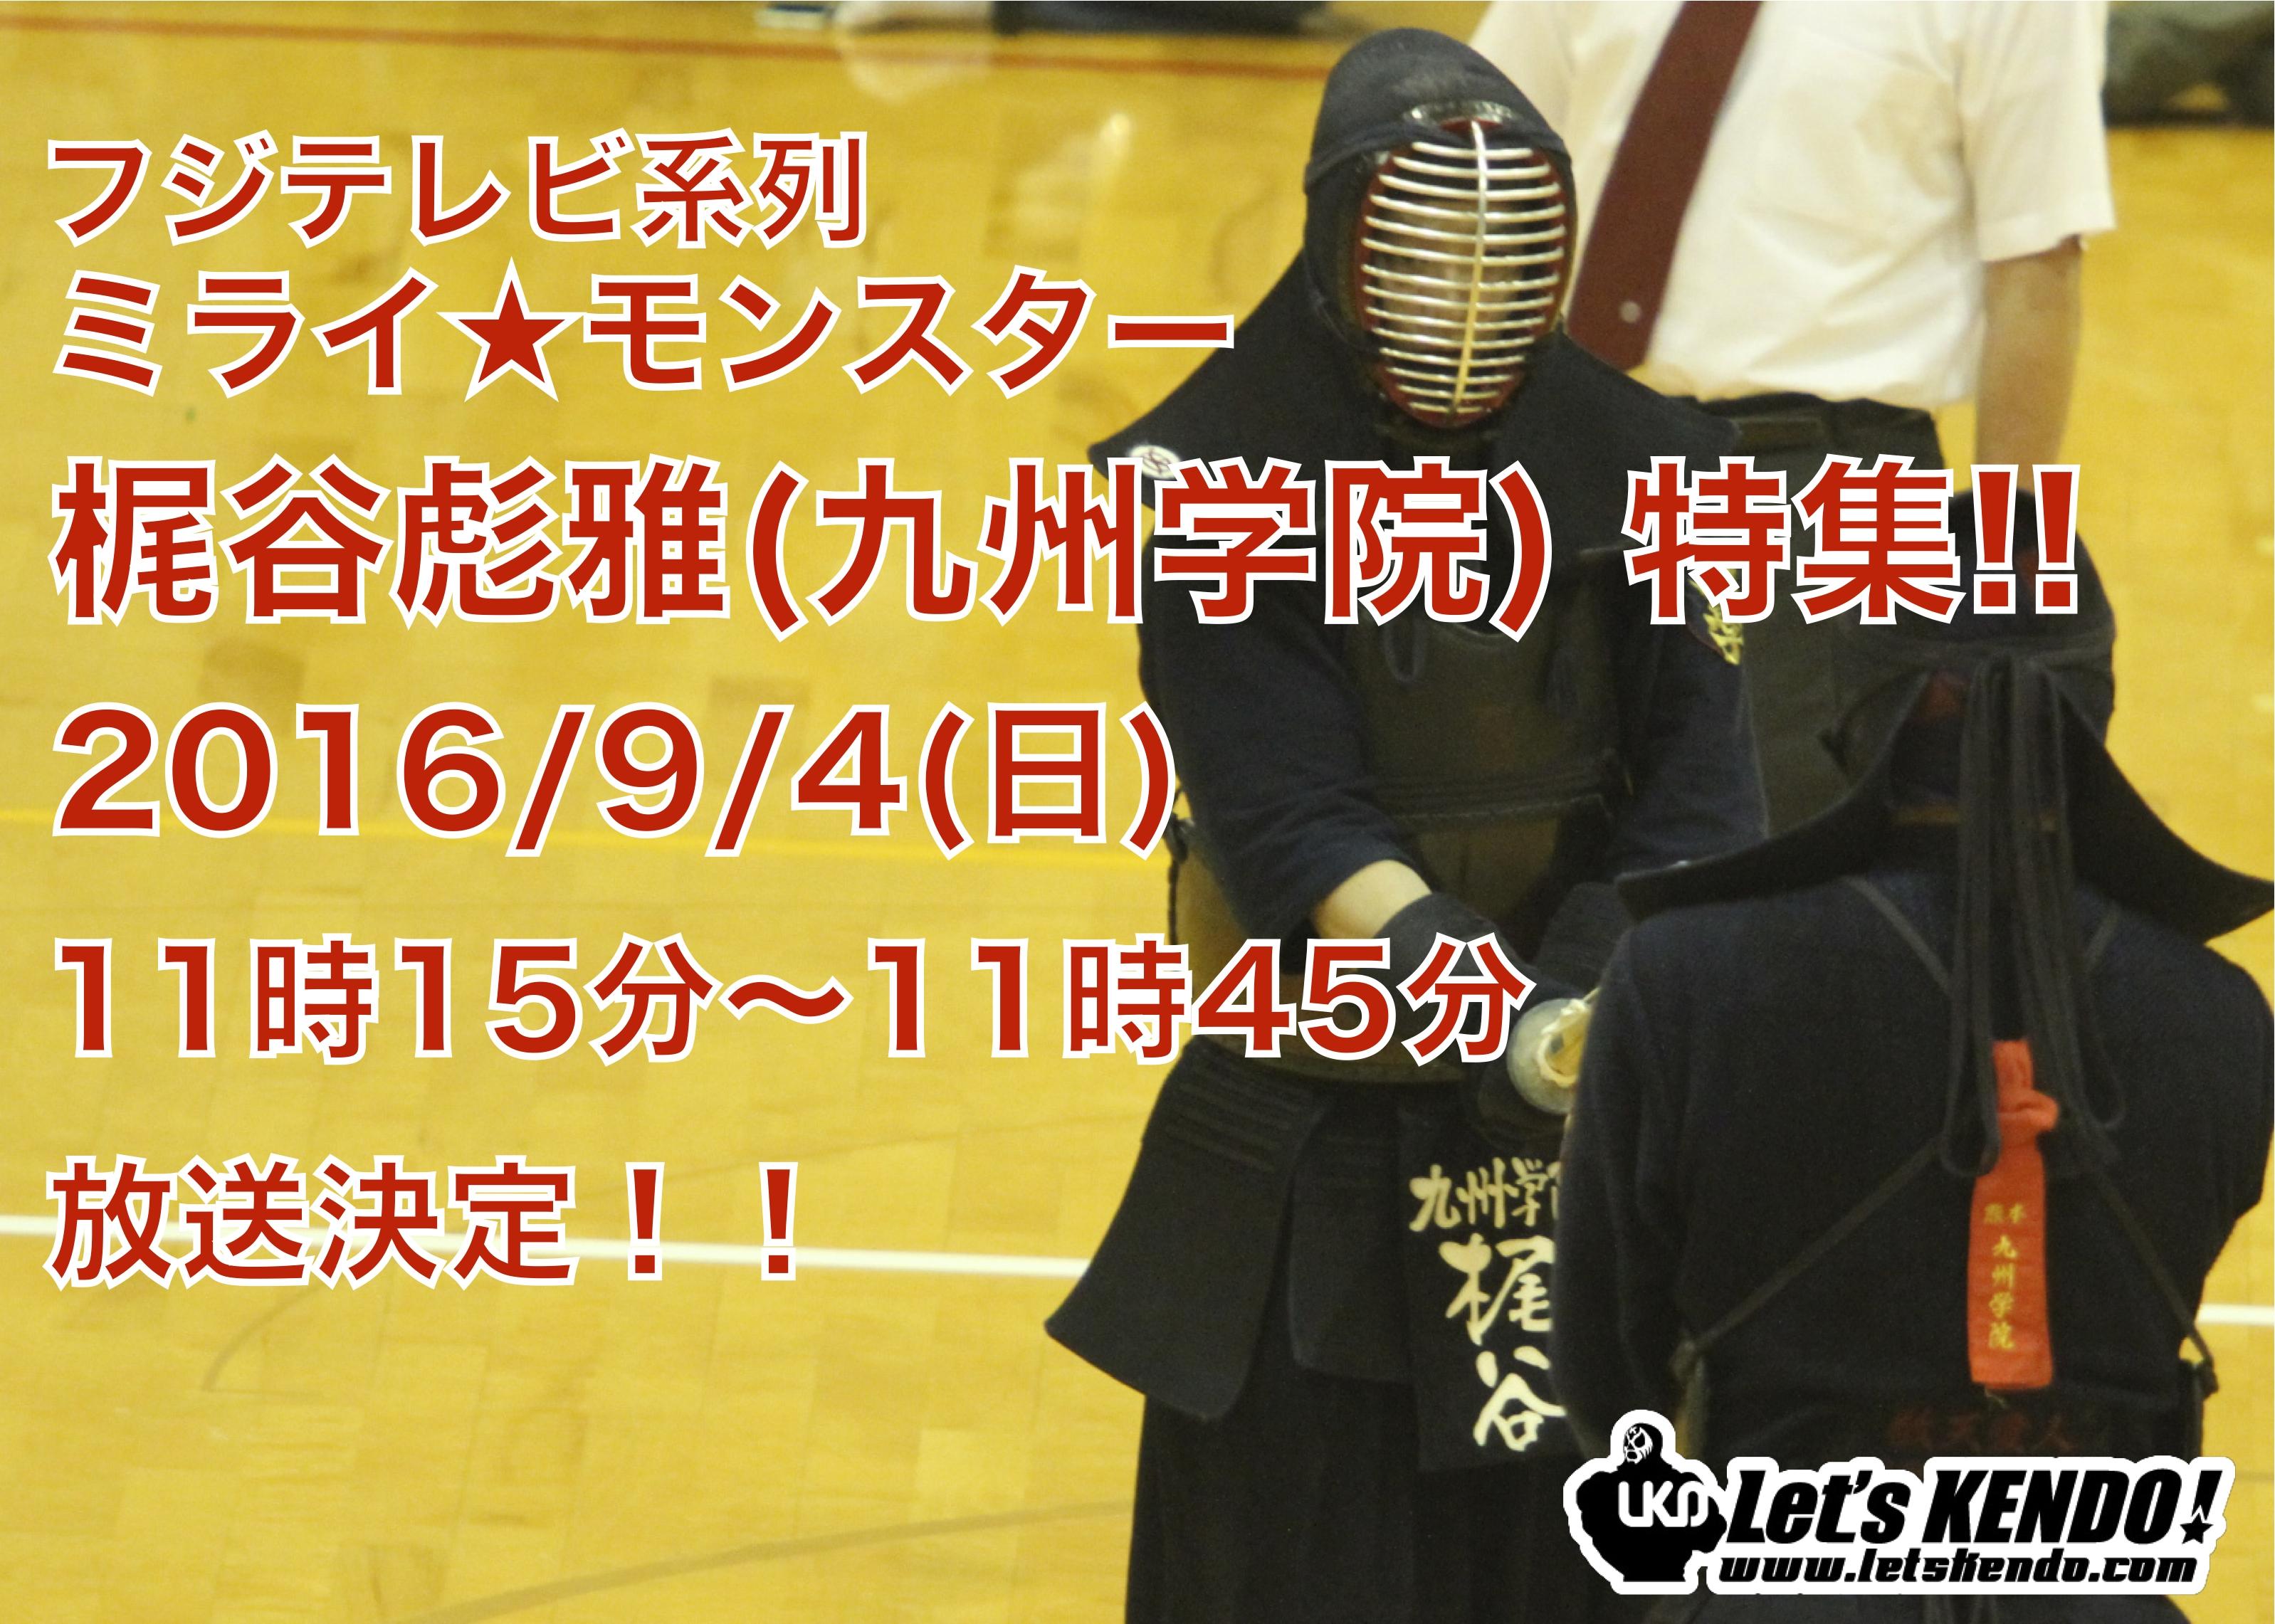 【特集】ミライモンスター・梶谷選手・九州学院 動画特集!